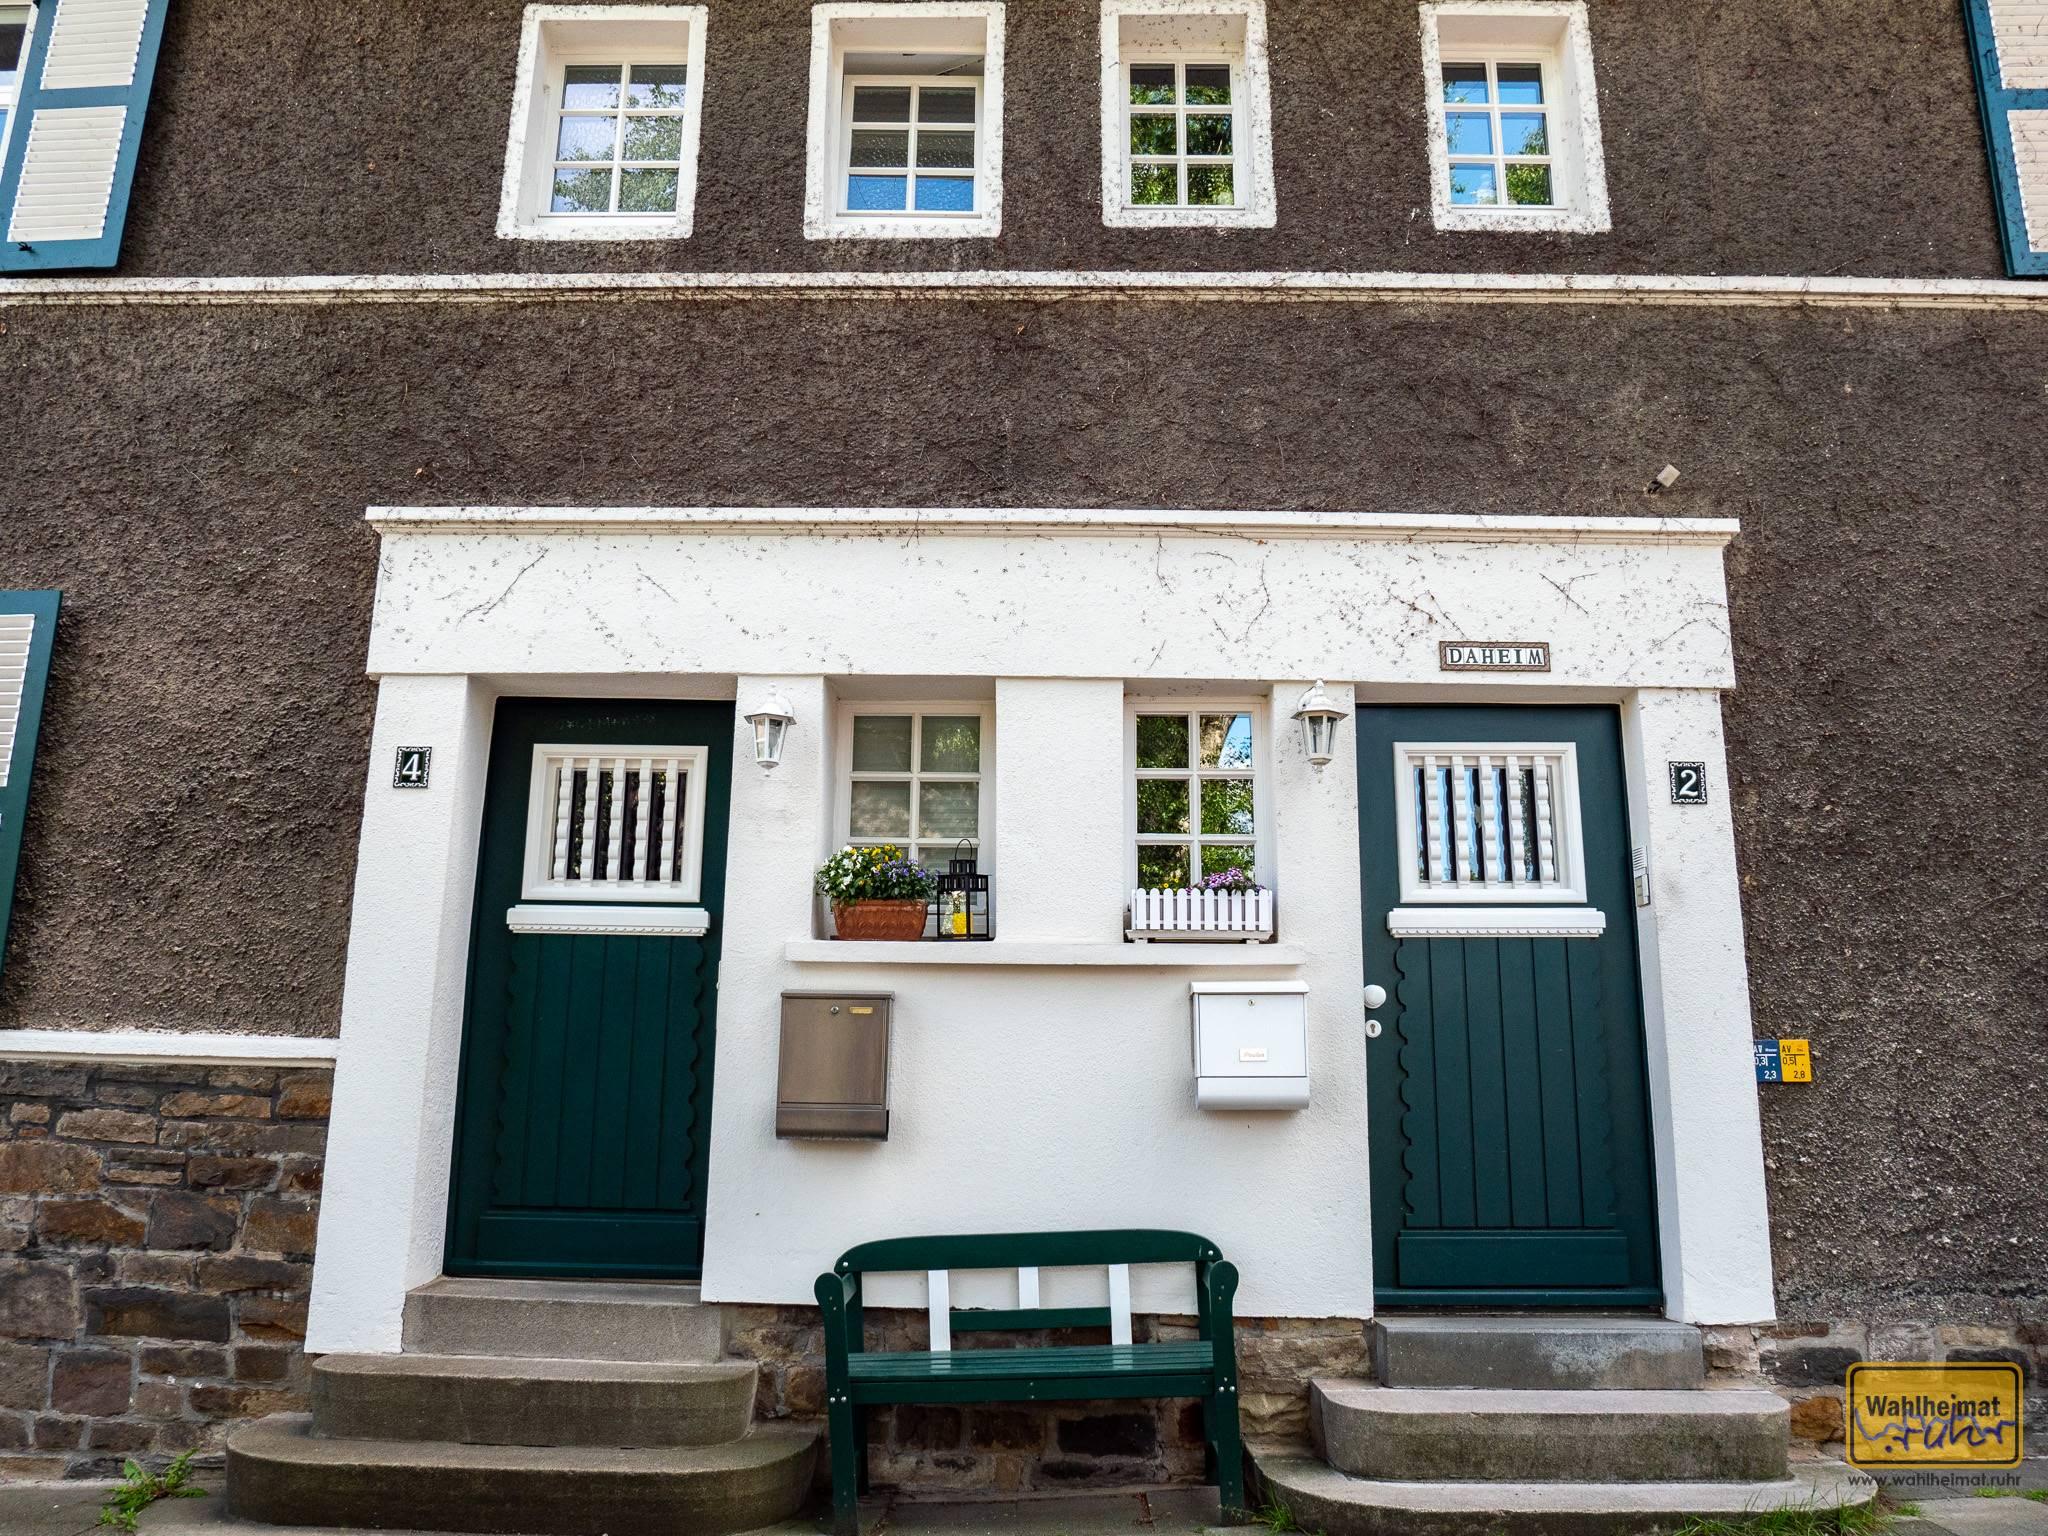 Auf der Margarethenhöhe in Essen gibt es viele wunderbare Adressen und Häuserfronten.